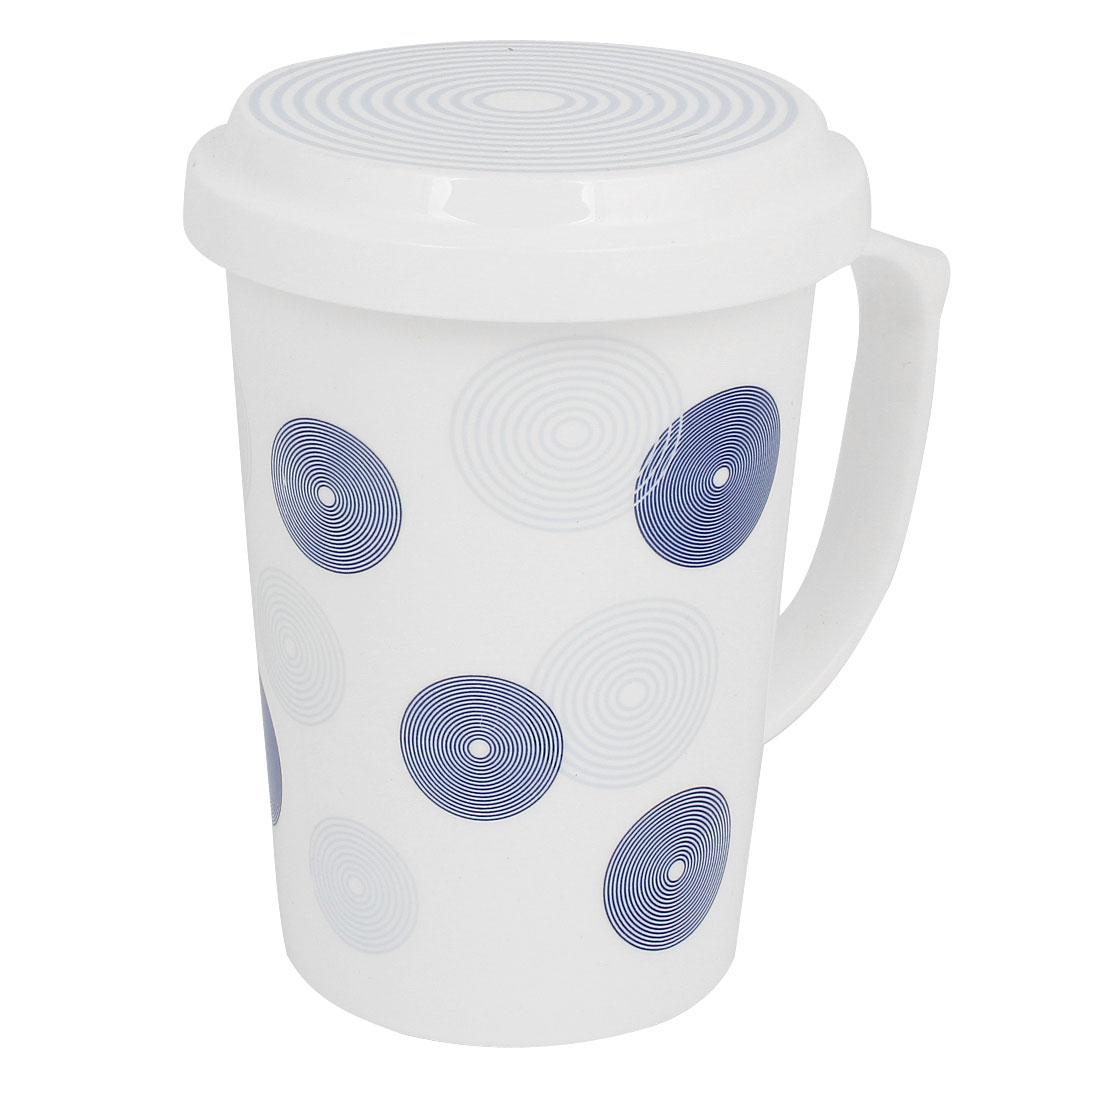 White Retro Circle Pattern Handgrip Water Bottle Gargle Toothbrush Cup w Lid